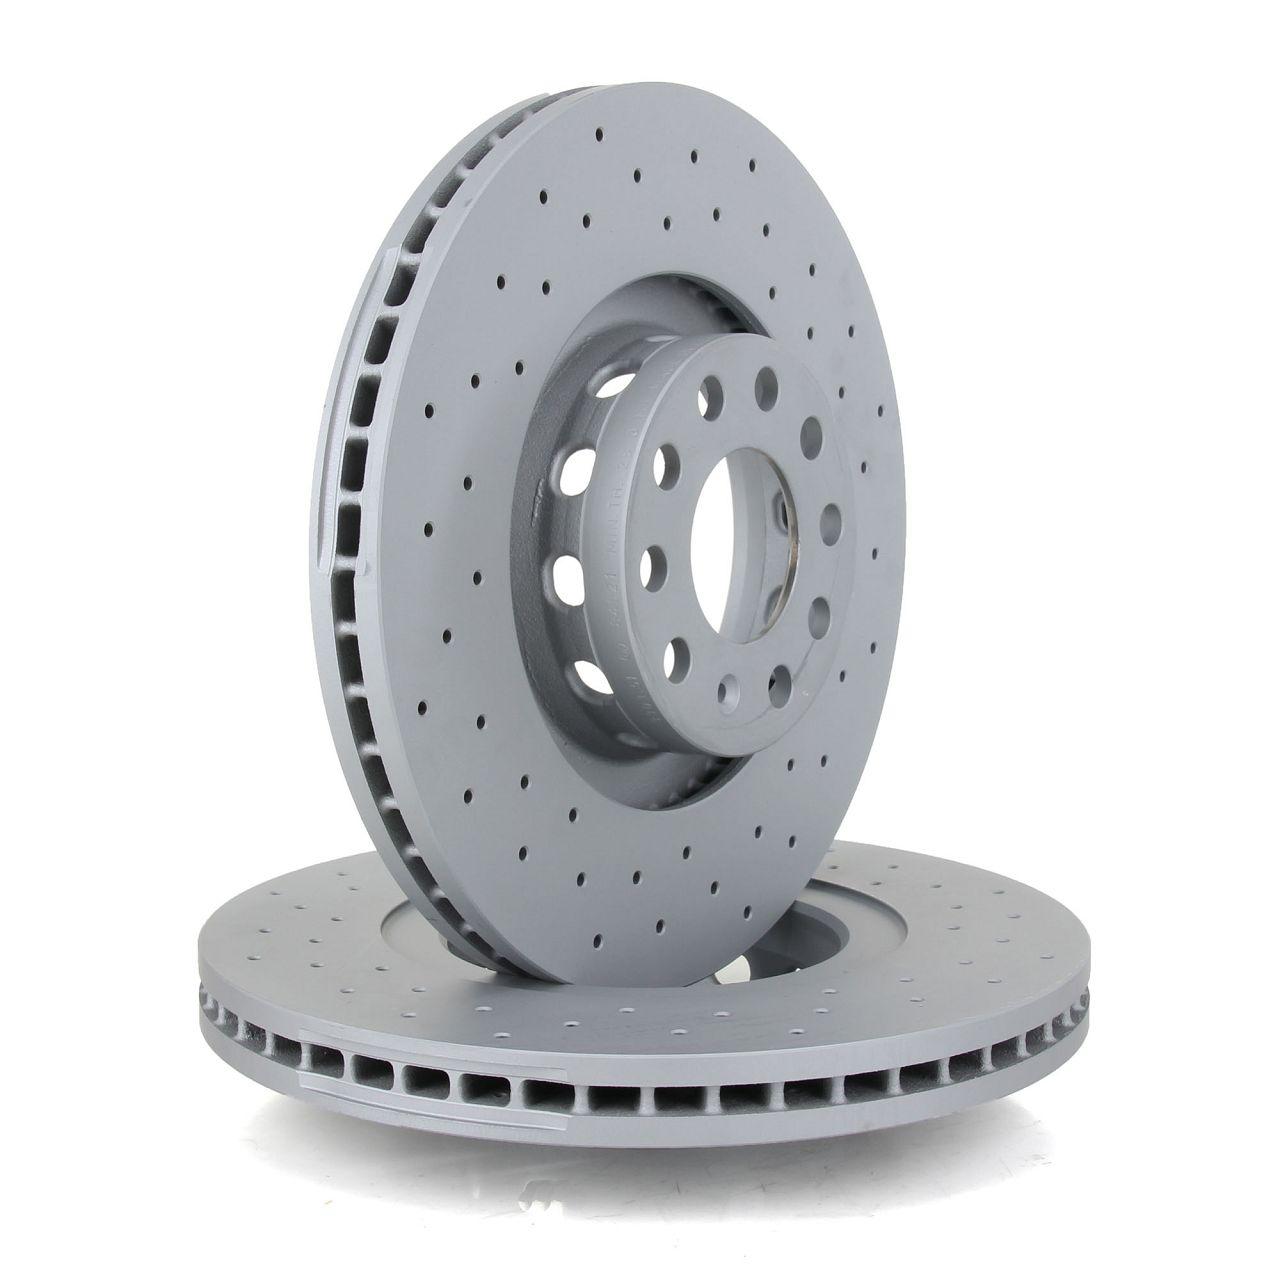 Zimmermann SPORT Bremsscheiben Beläge für AUDI A8 (4D2) 4.2 2.5TDI 3.3TDI vorne